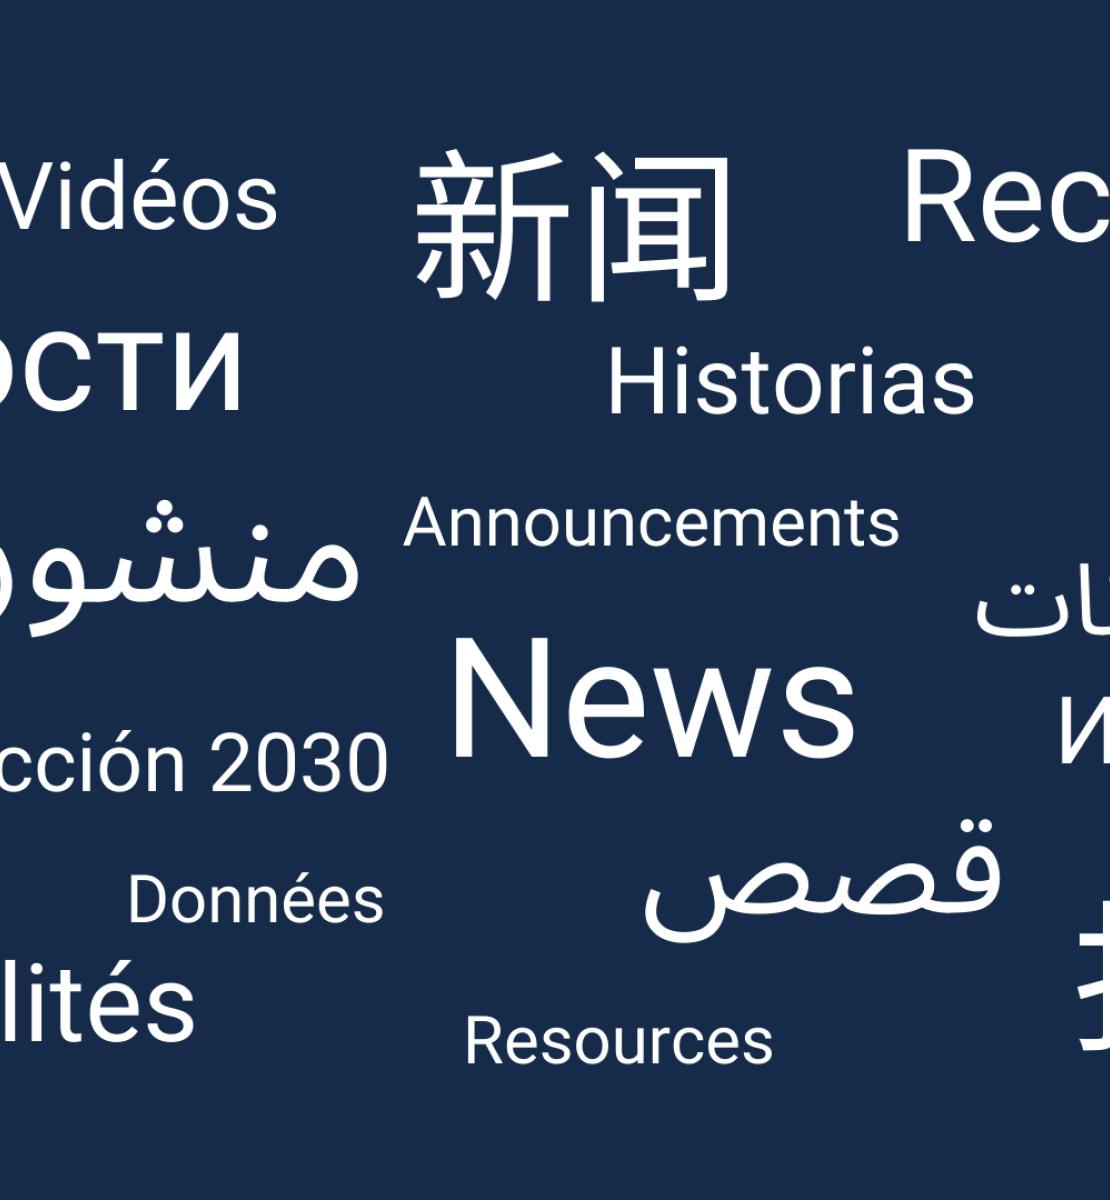 Divers mots en anglais, arabe, chinois, français, espagnol et russe sont inscrits en lettres blanches sur un fond bleu foncé.